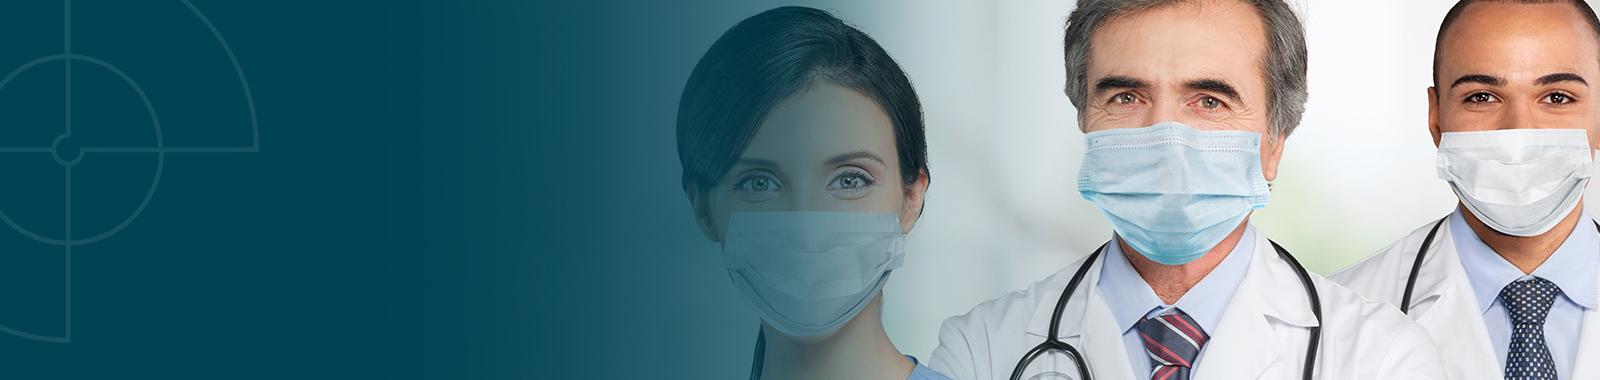 Centro Especializado em Tratamento Pós-Covid